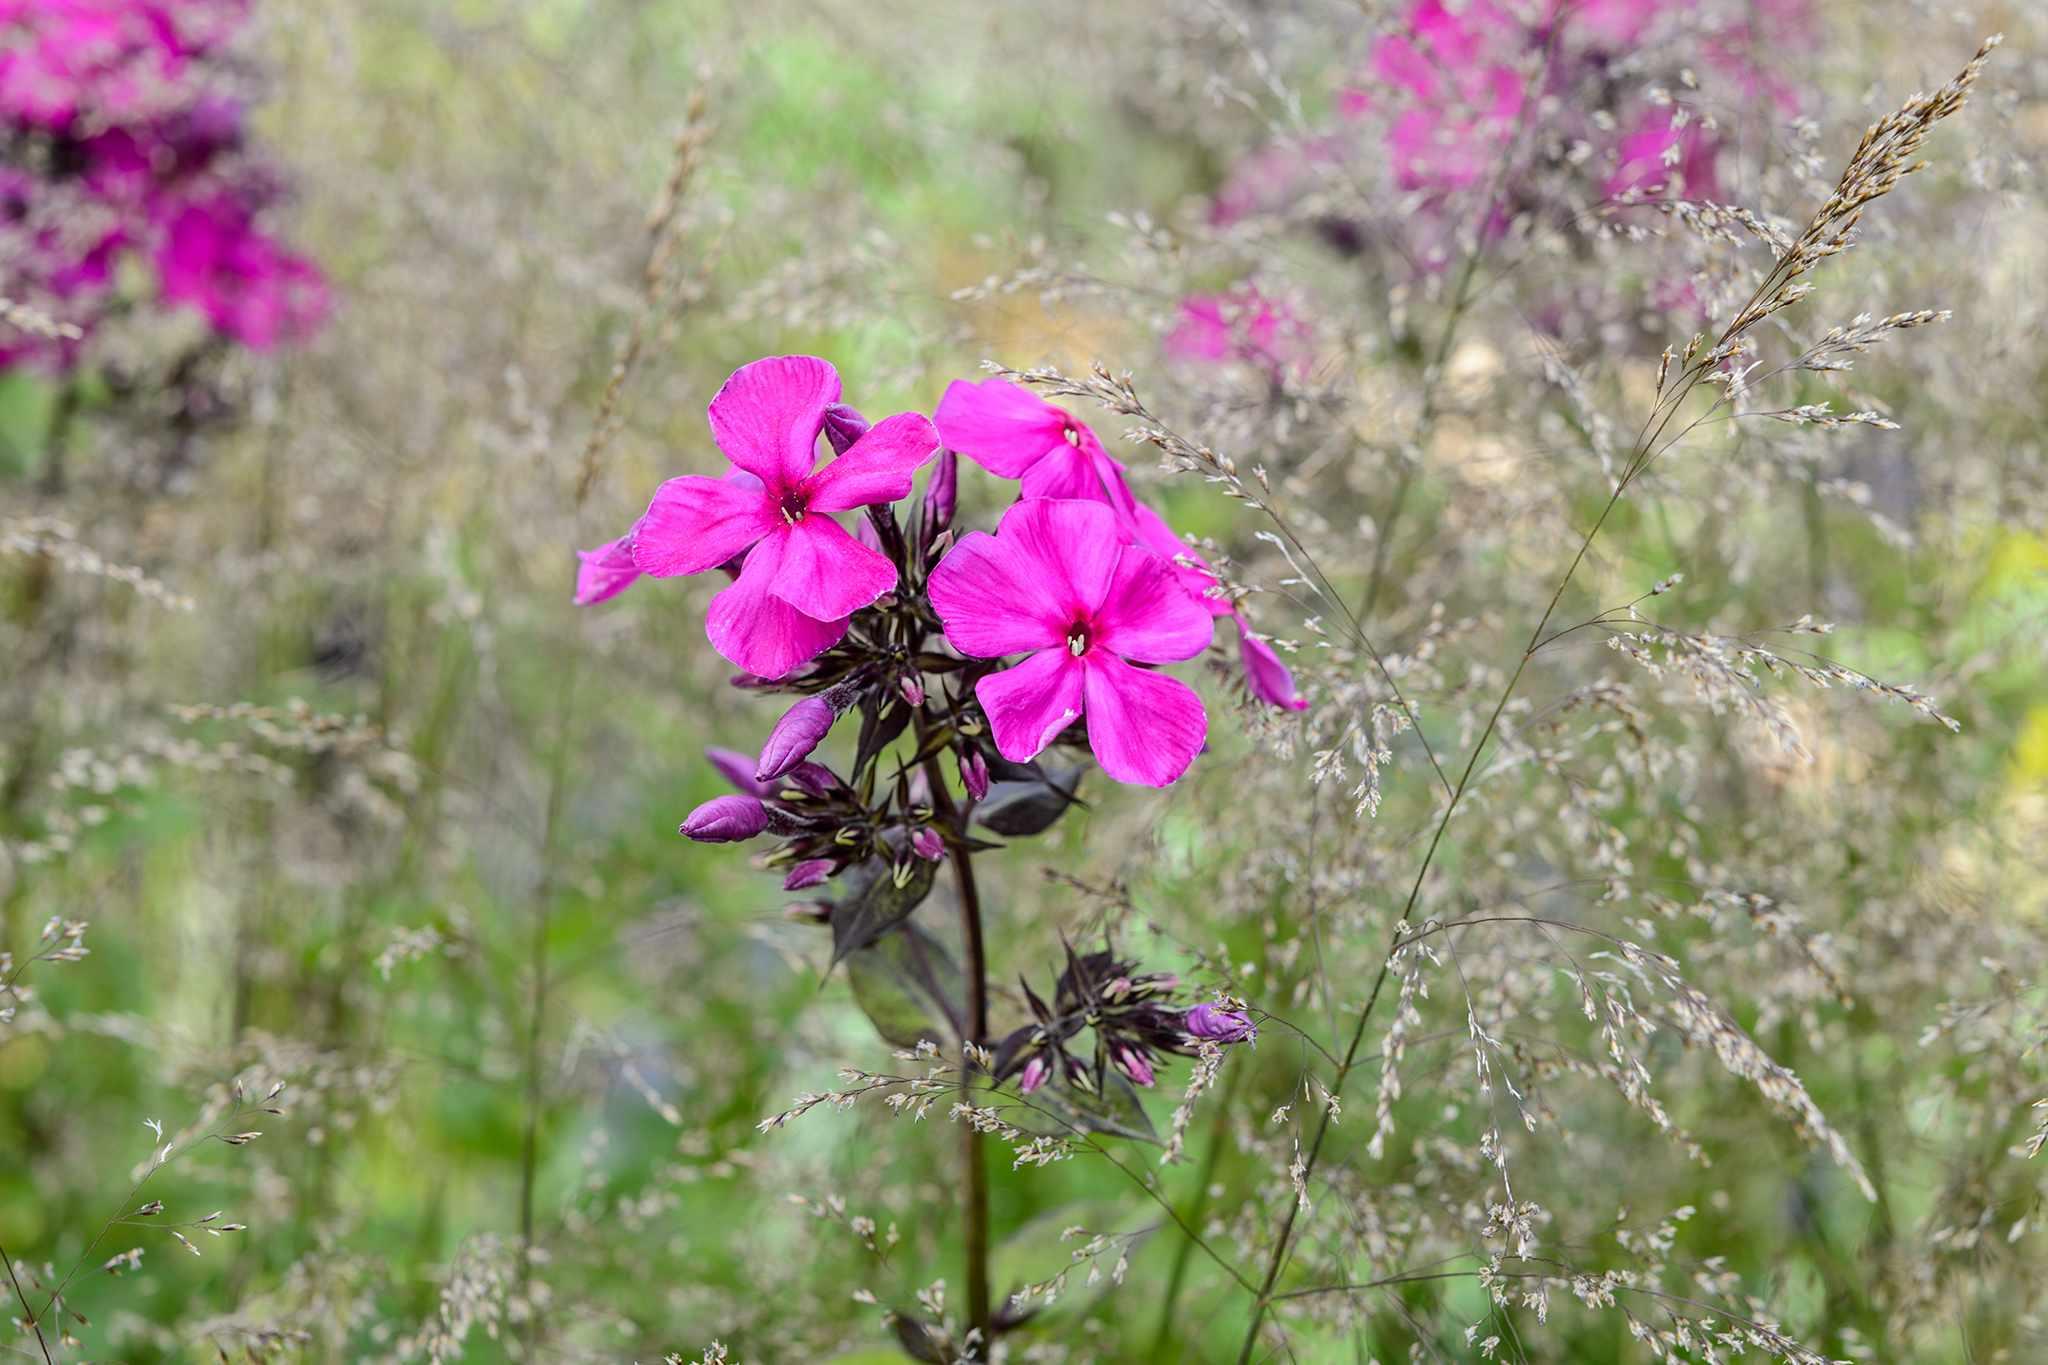 Phlox paniculata 'Dusterlohe'